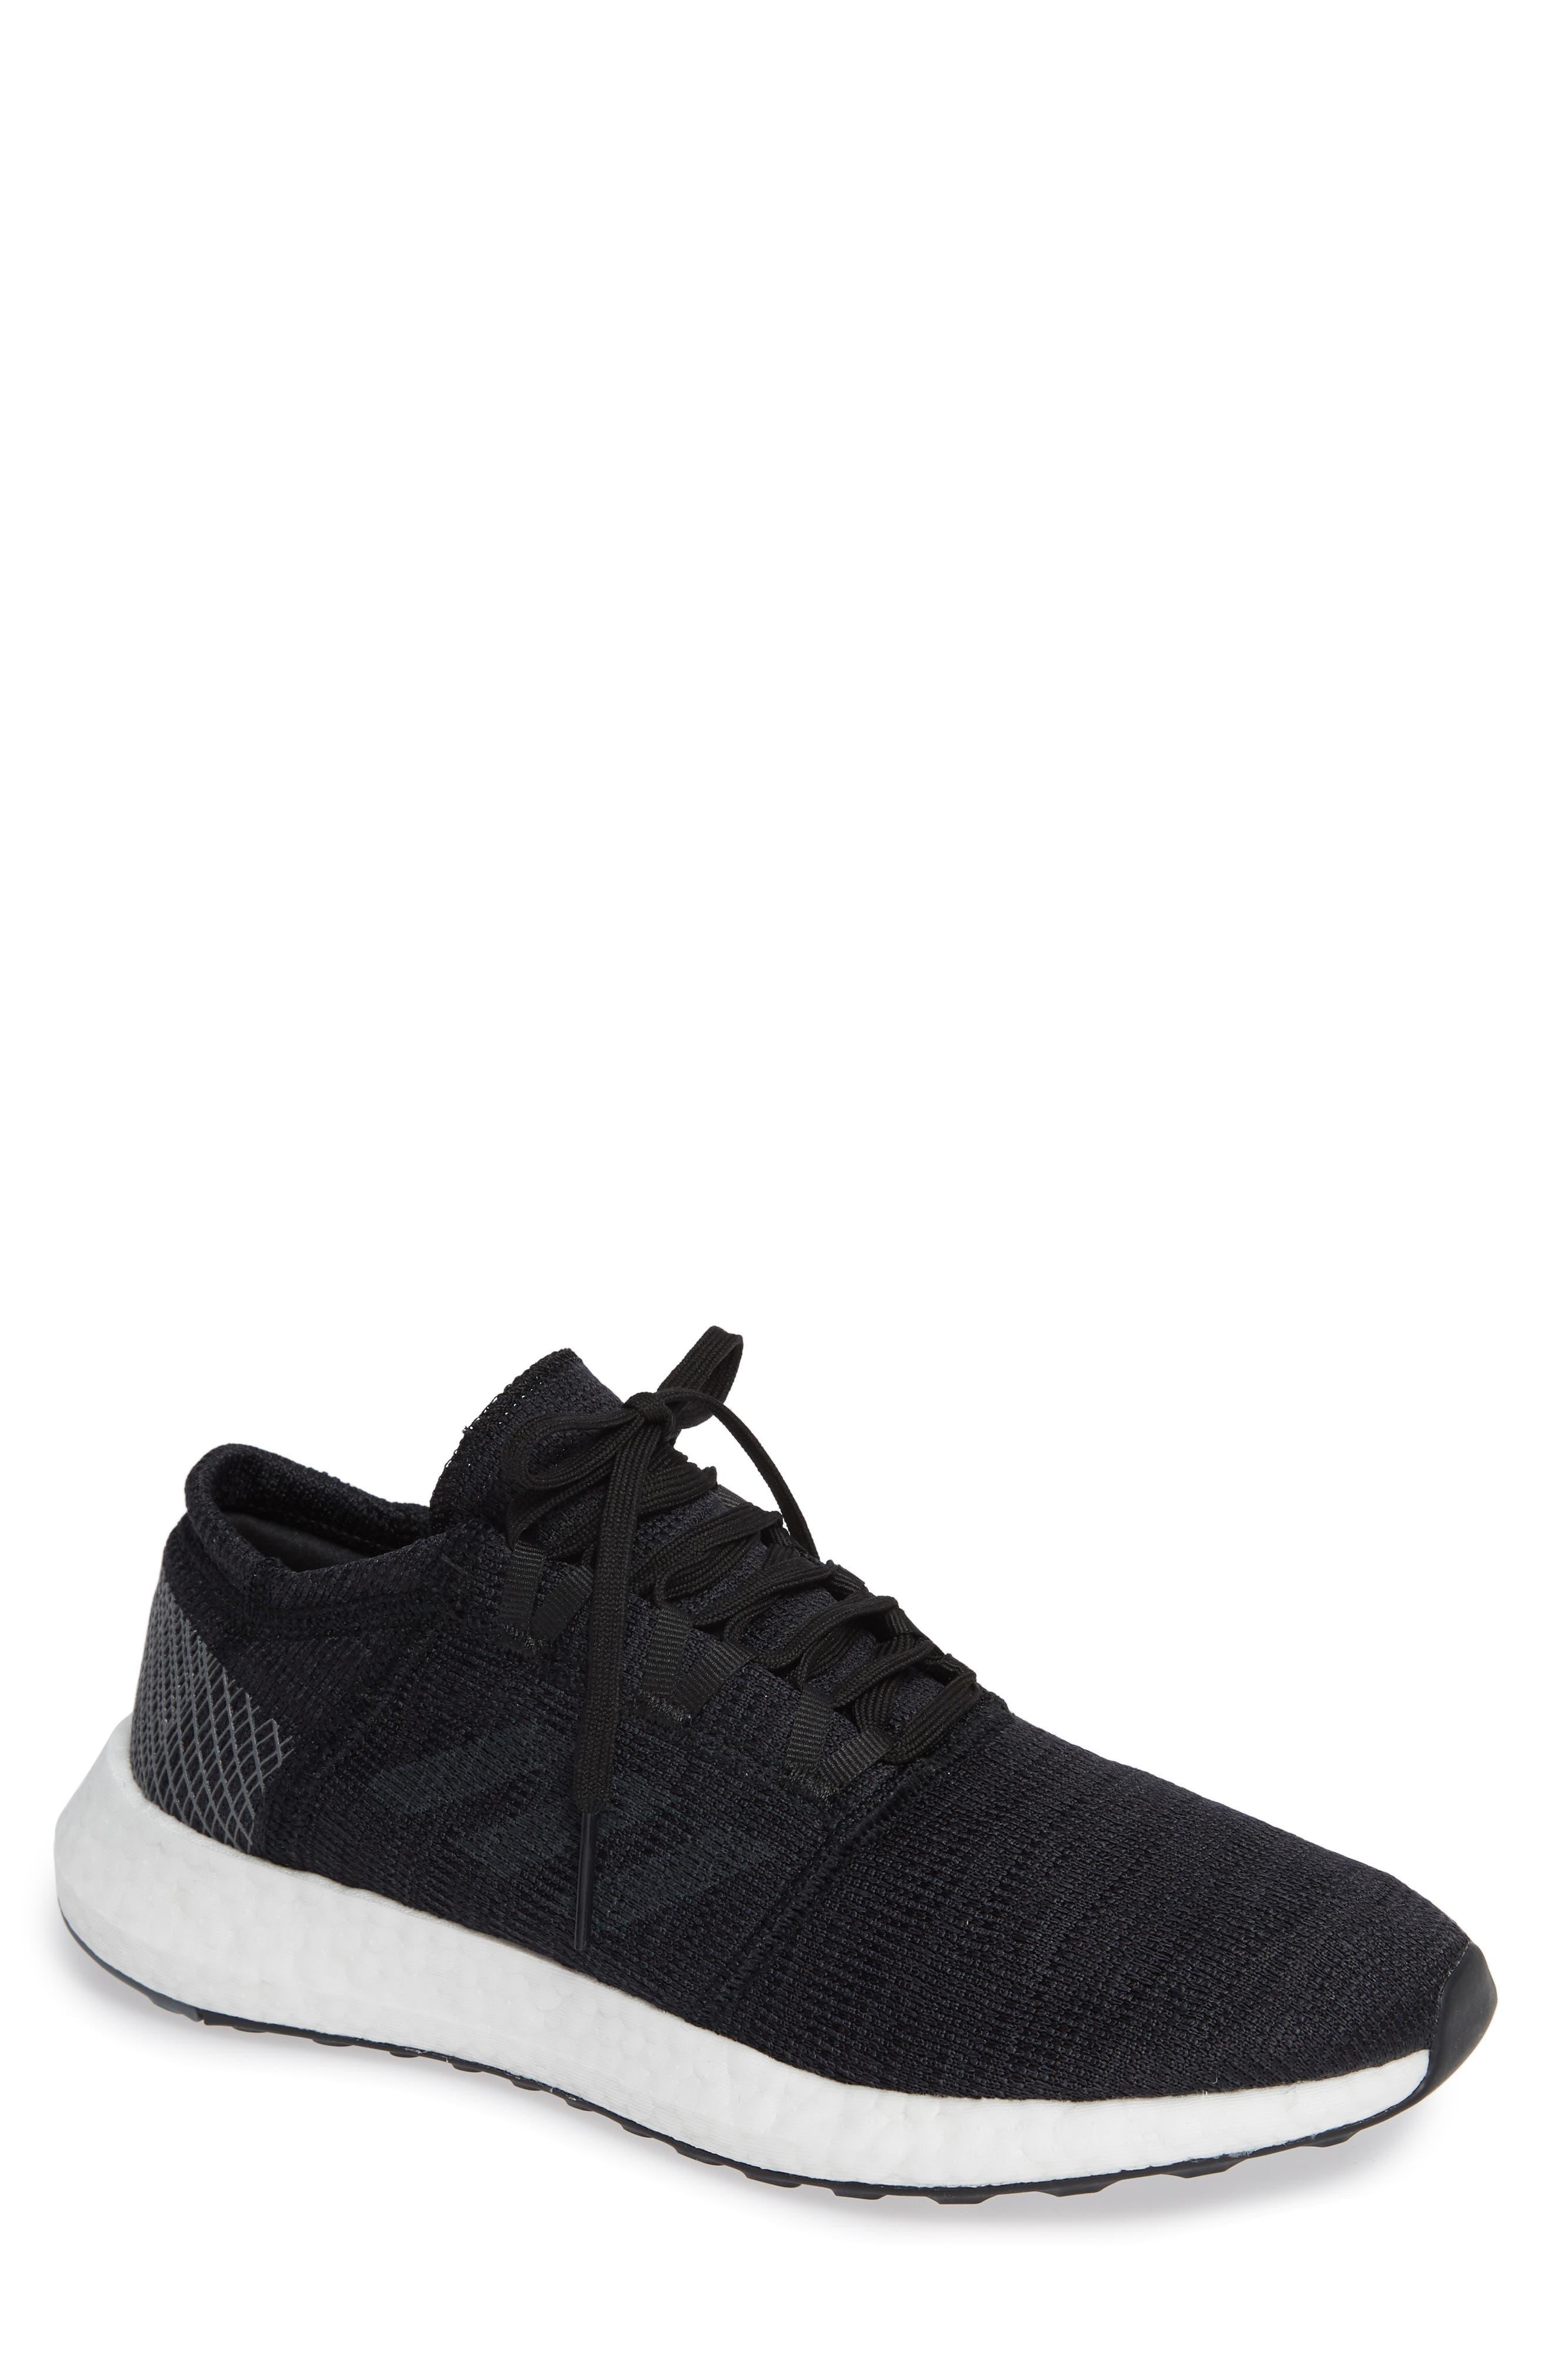 shoe man adidas